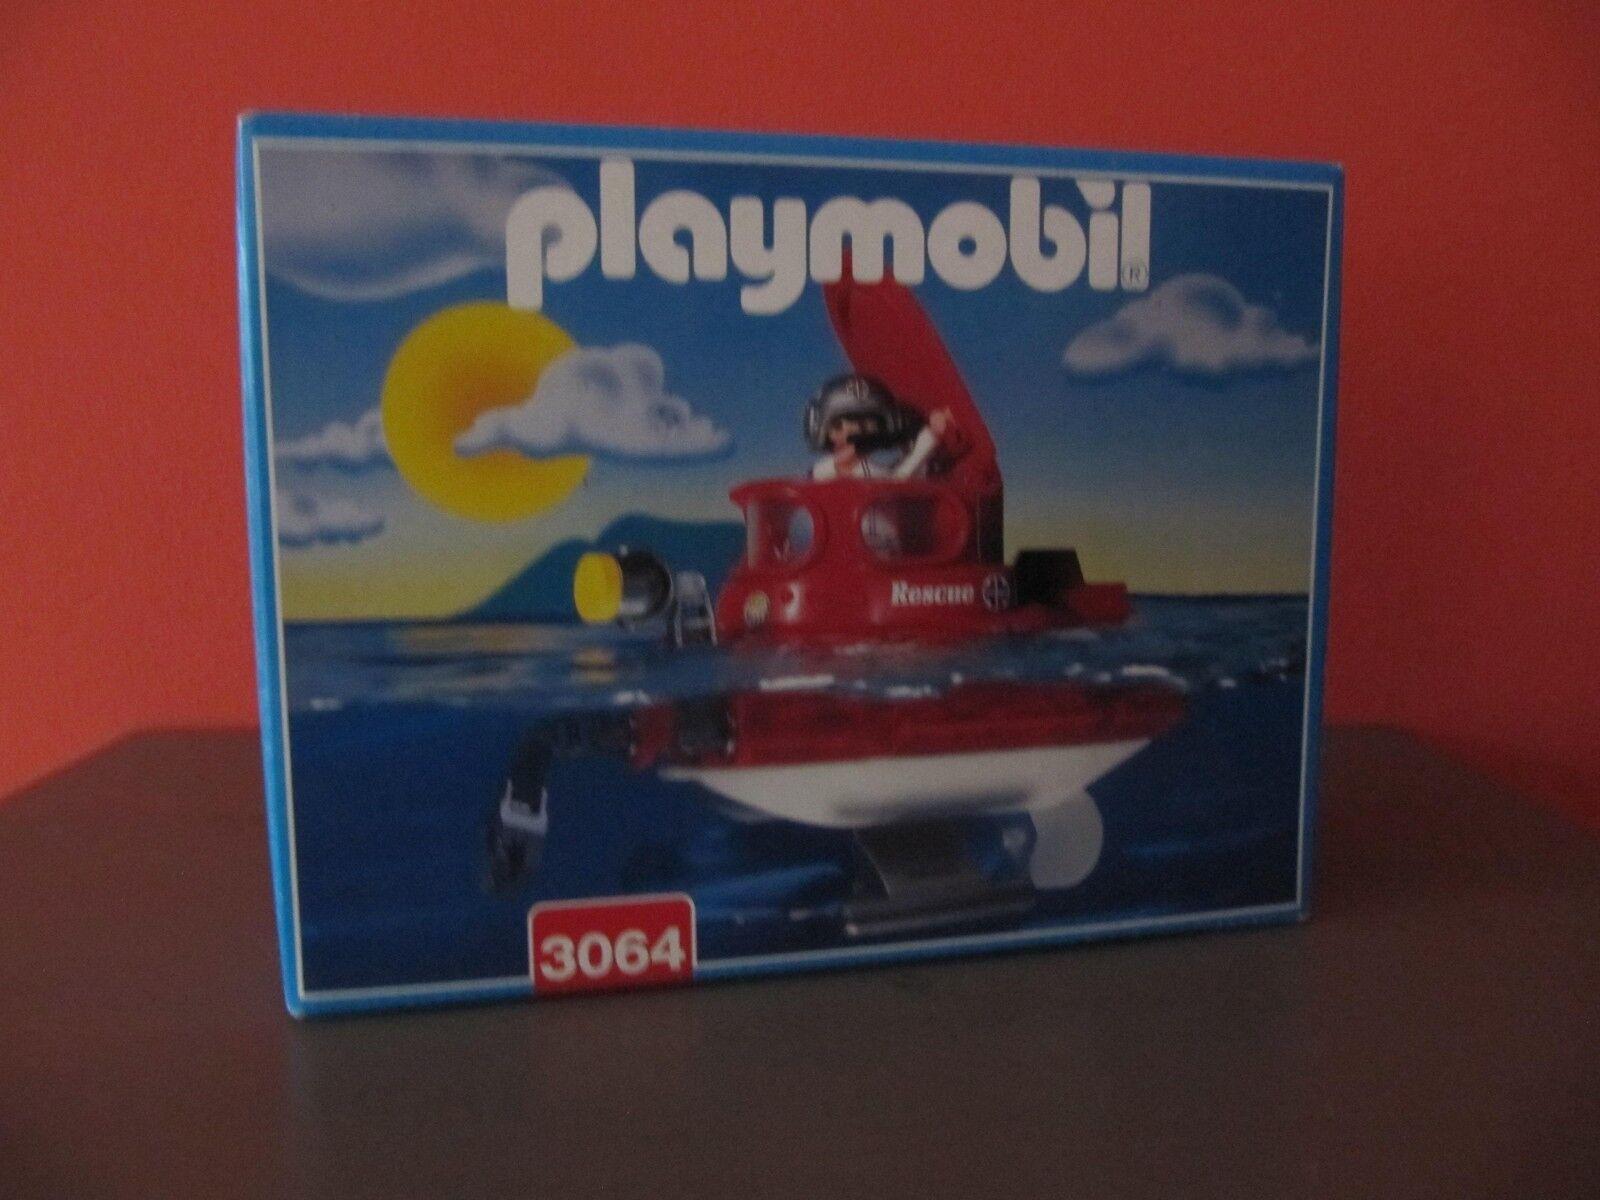 Neu  Playmobil 3064   Expeditions-TauchStiefel   aus 1999 in ungeöffneter OVP    Clever und praktisch